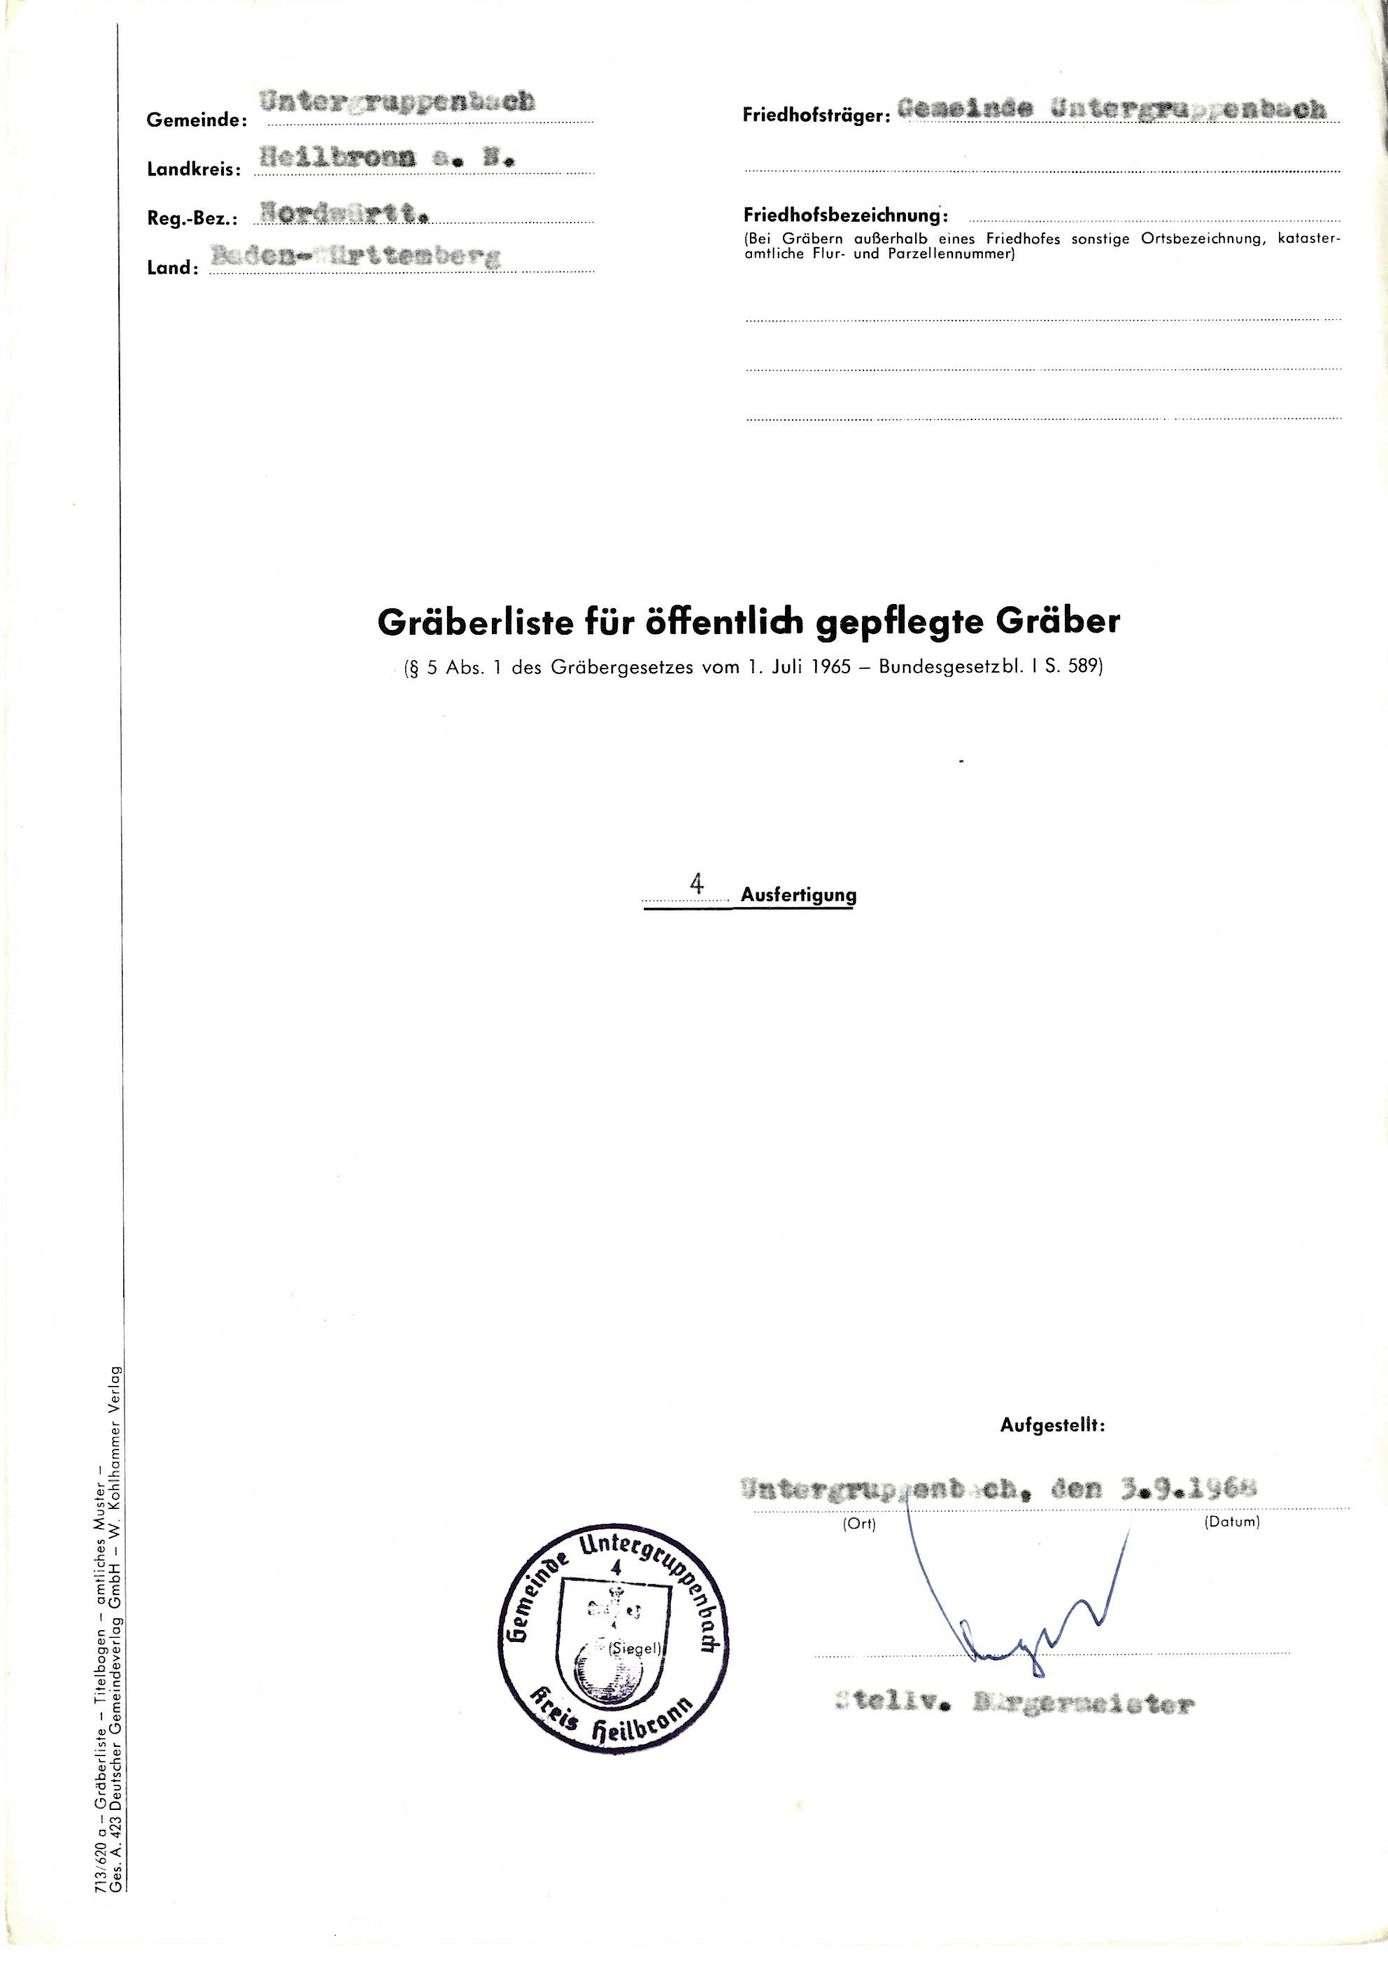 Untergruppenbach, Bild 3